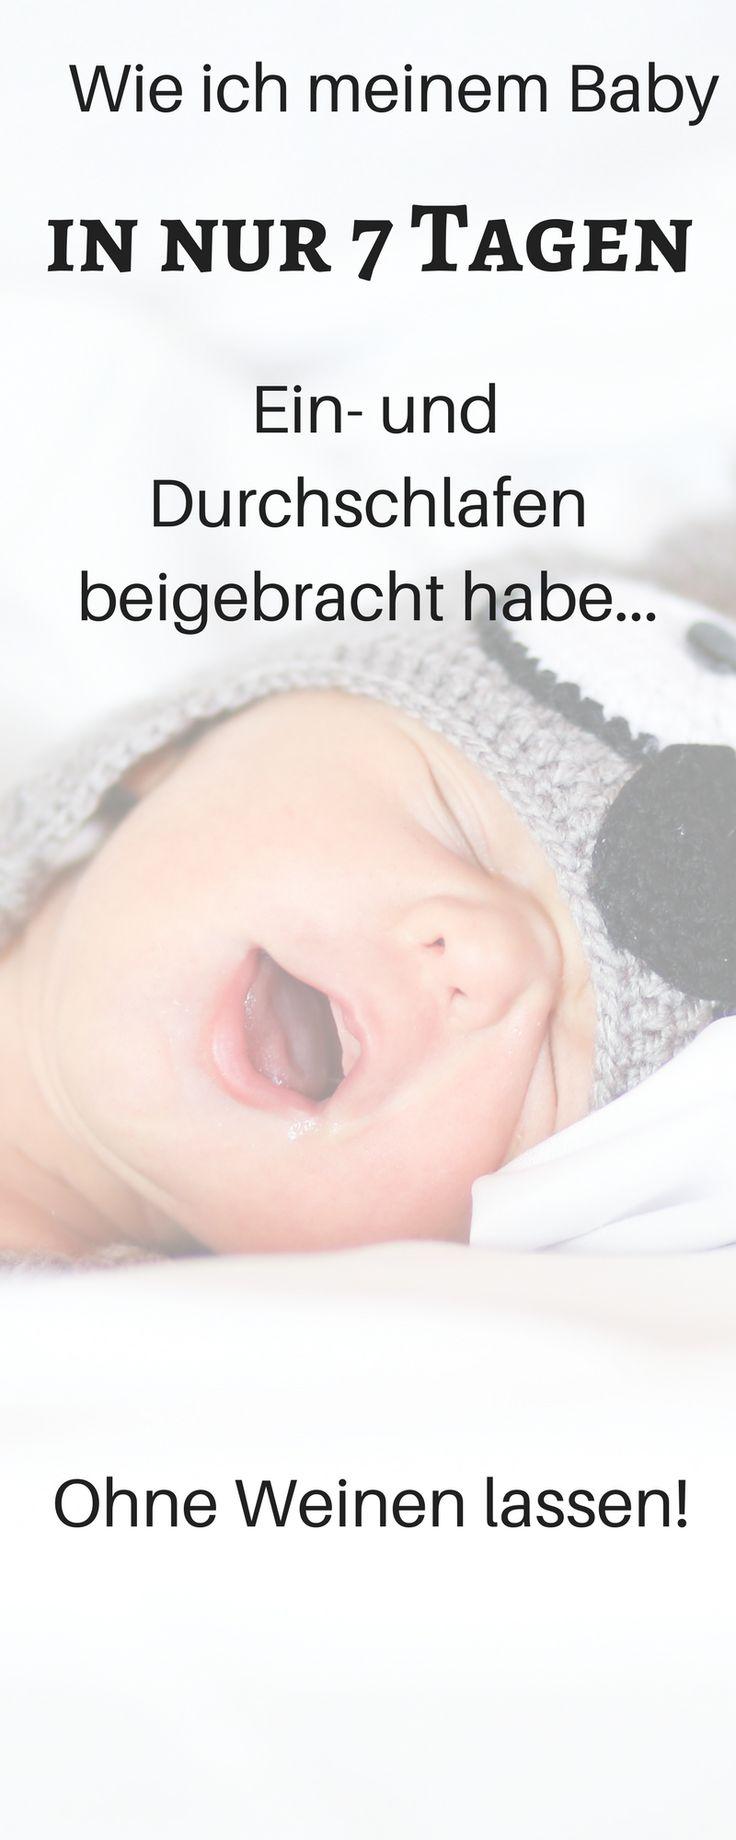 Ich habe es geschafft, dass mein Baby innerhalb von 7 Tagen ein - und durchschlafen gelernt hat. Ohne das Baby beim Schlafen weinen oder schreien zu lassen. Baby schlafen, Baby schlafen lernen, kein ferbern, Einschlafprogramm für Baby, baby schlafen Kleidung, Baby schlafen anziehen, Baby schlafen lustig, Elternbett, in den Schlaf stillen, schlaf baby, baby schlaf 1 jahr, baby schlaf 6 monate, baby 3 monats koliken hausmittel